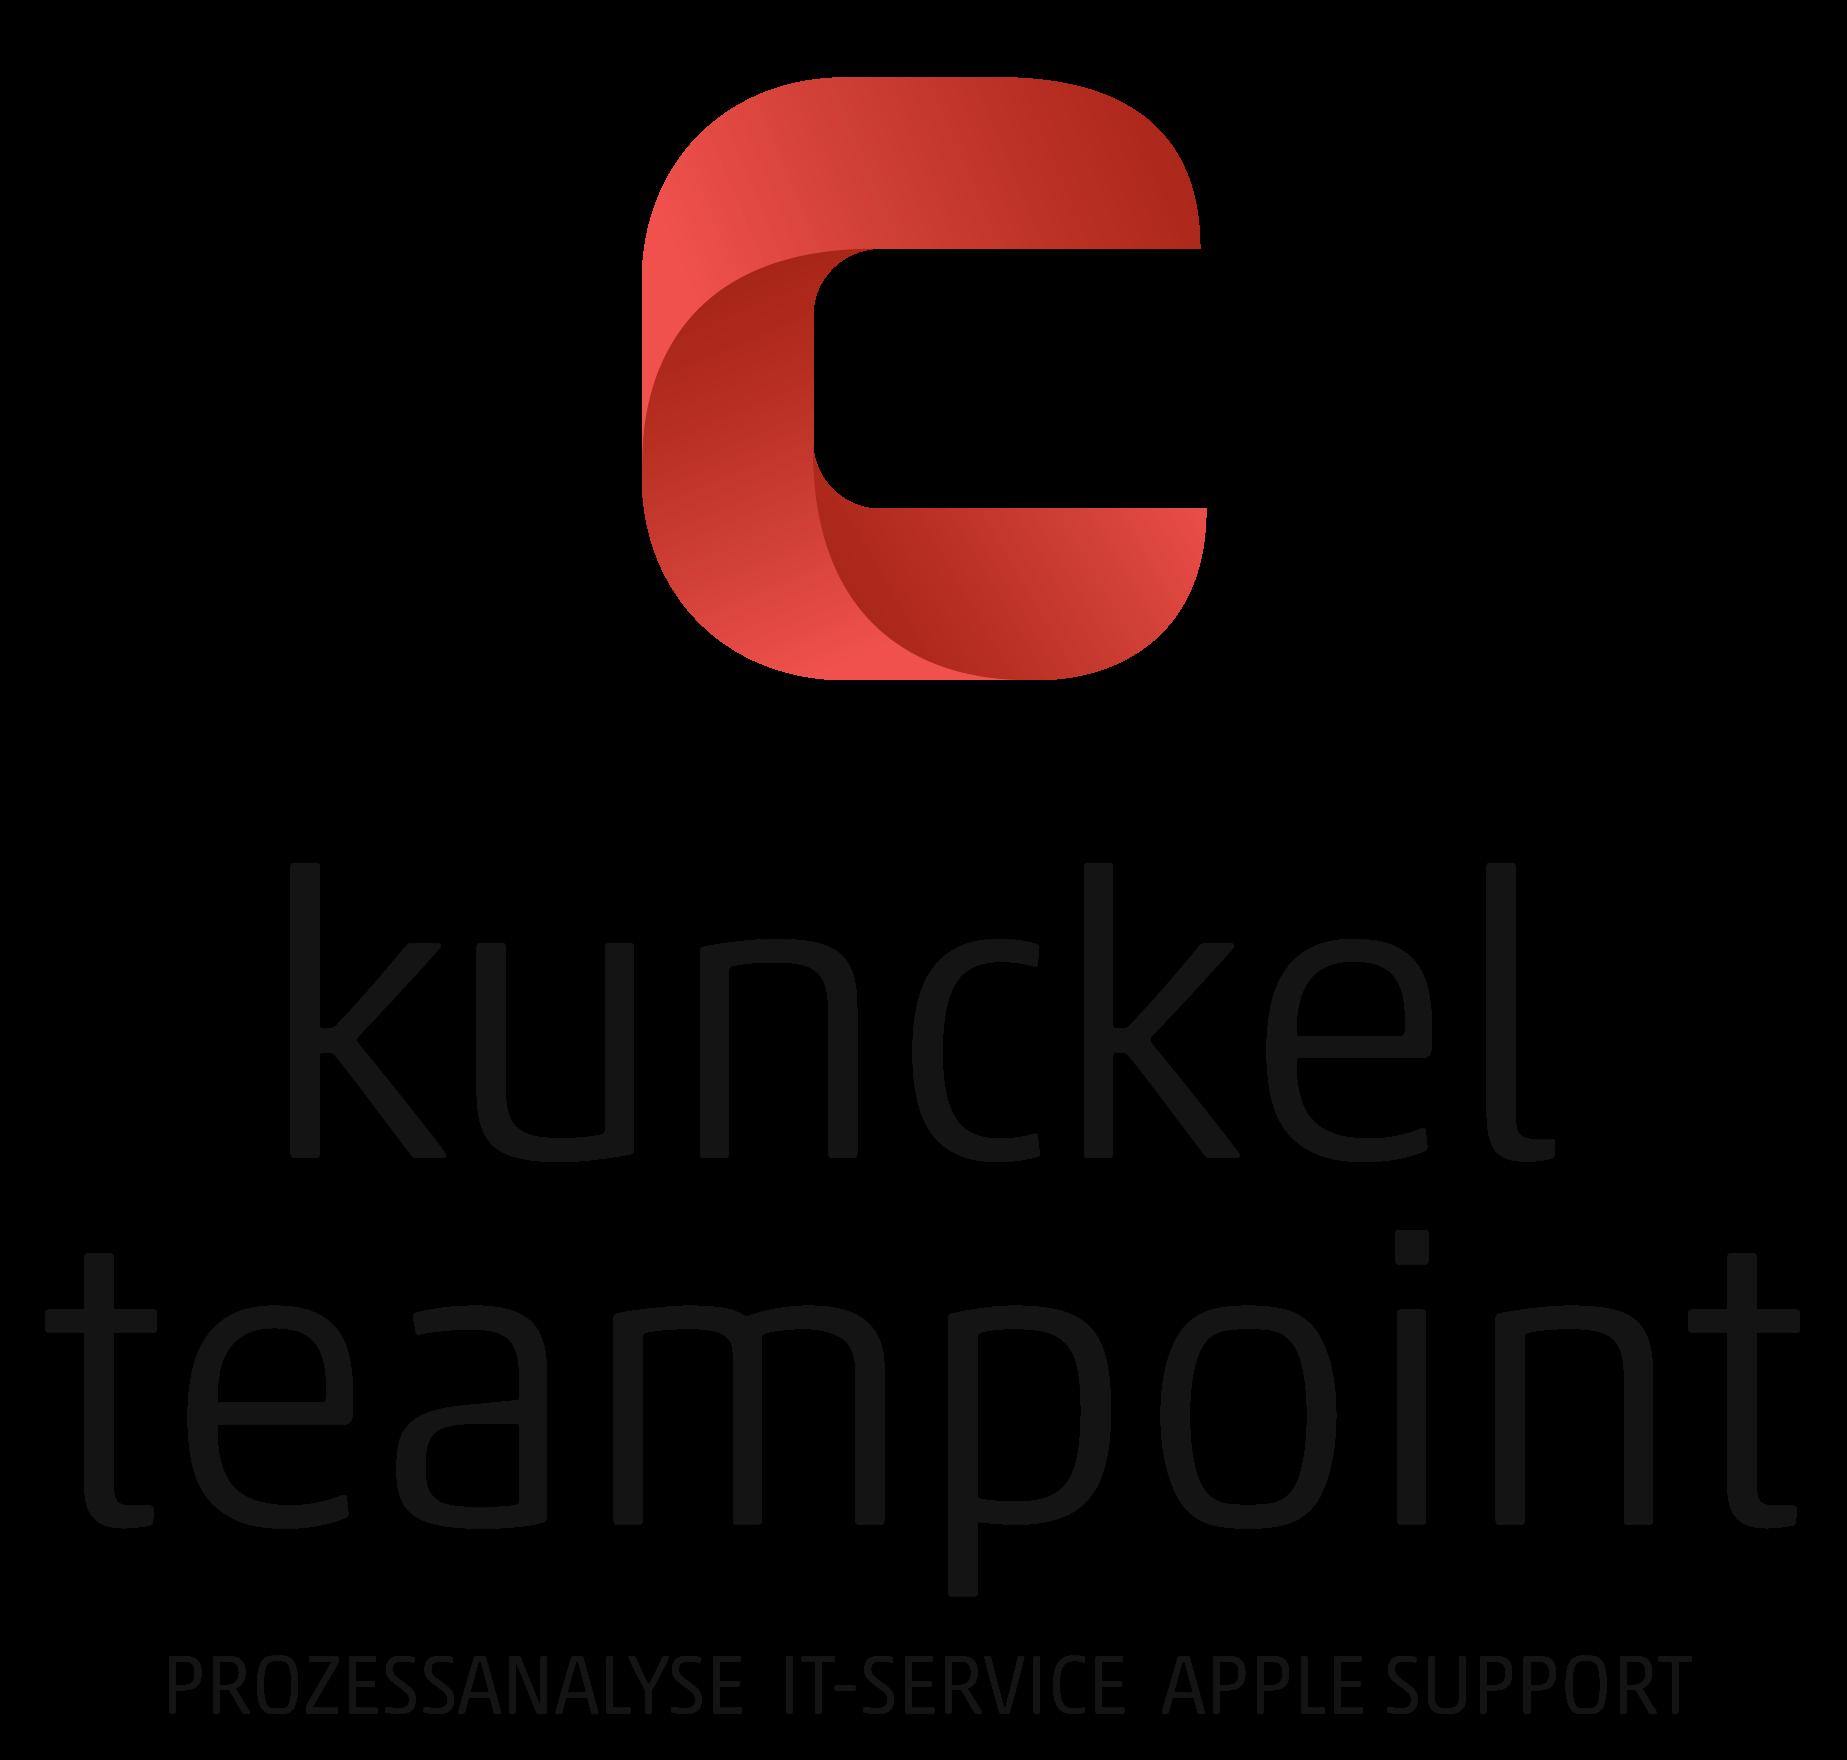 kunckel teampoint Gesellschaft für IT-Systeme und - Support mbH logo